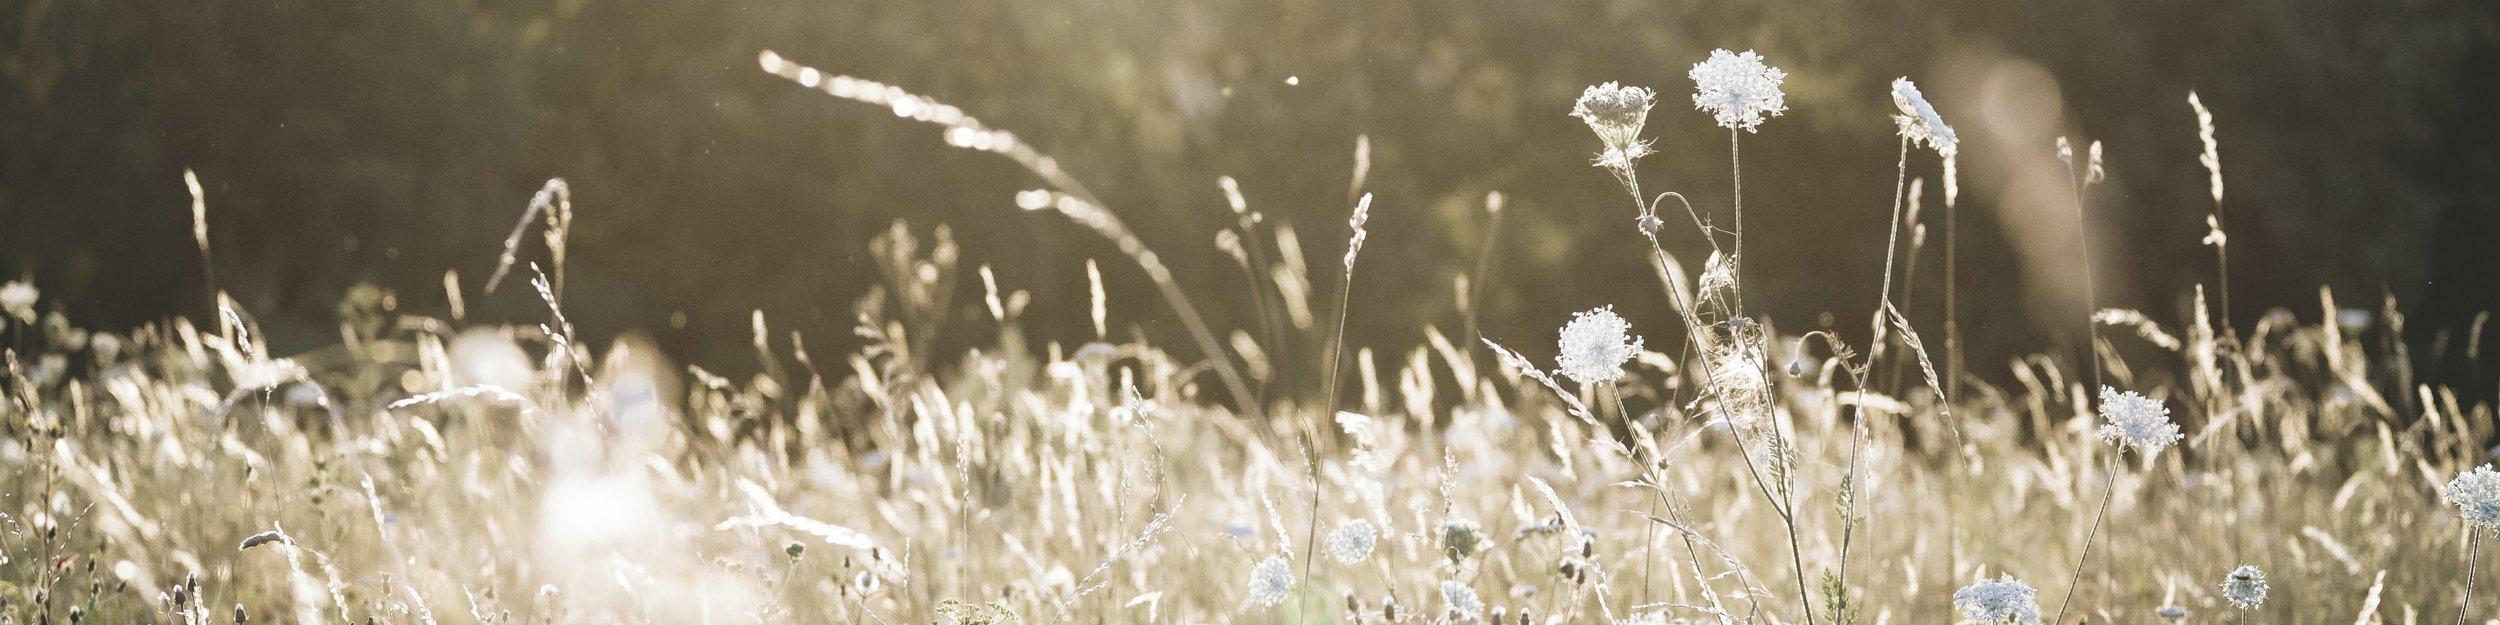 meadow long-min.jpg